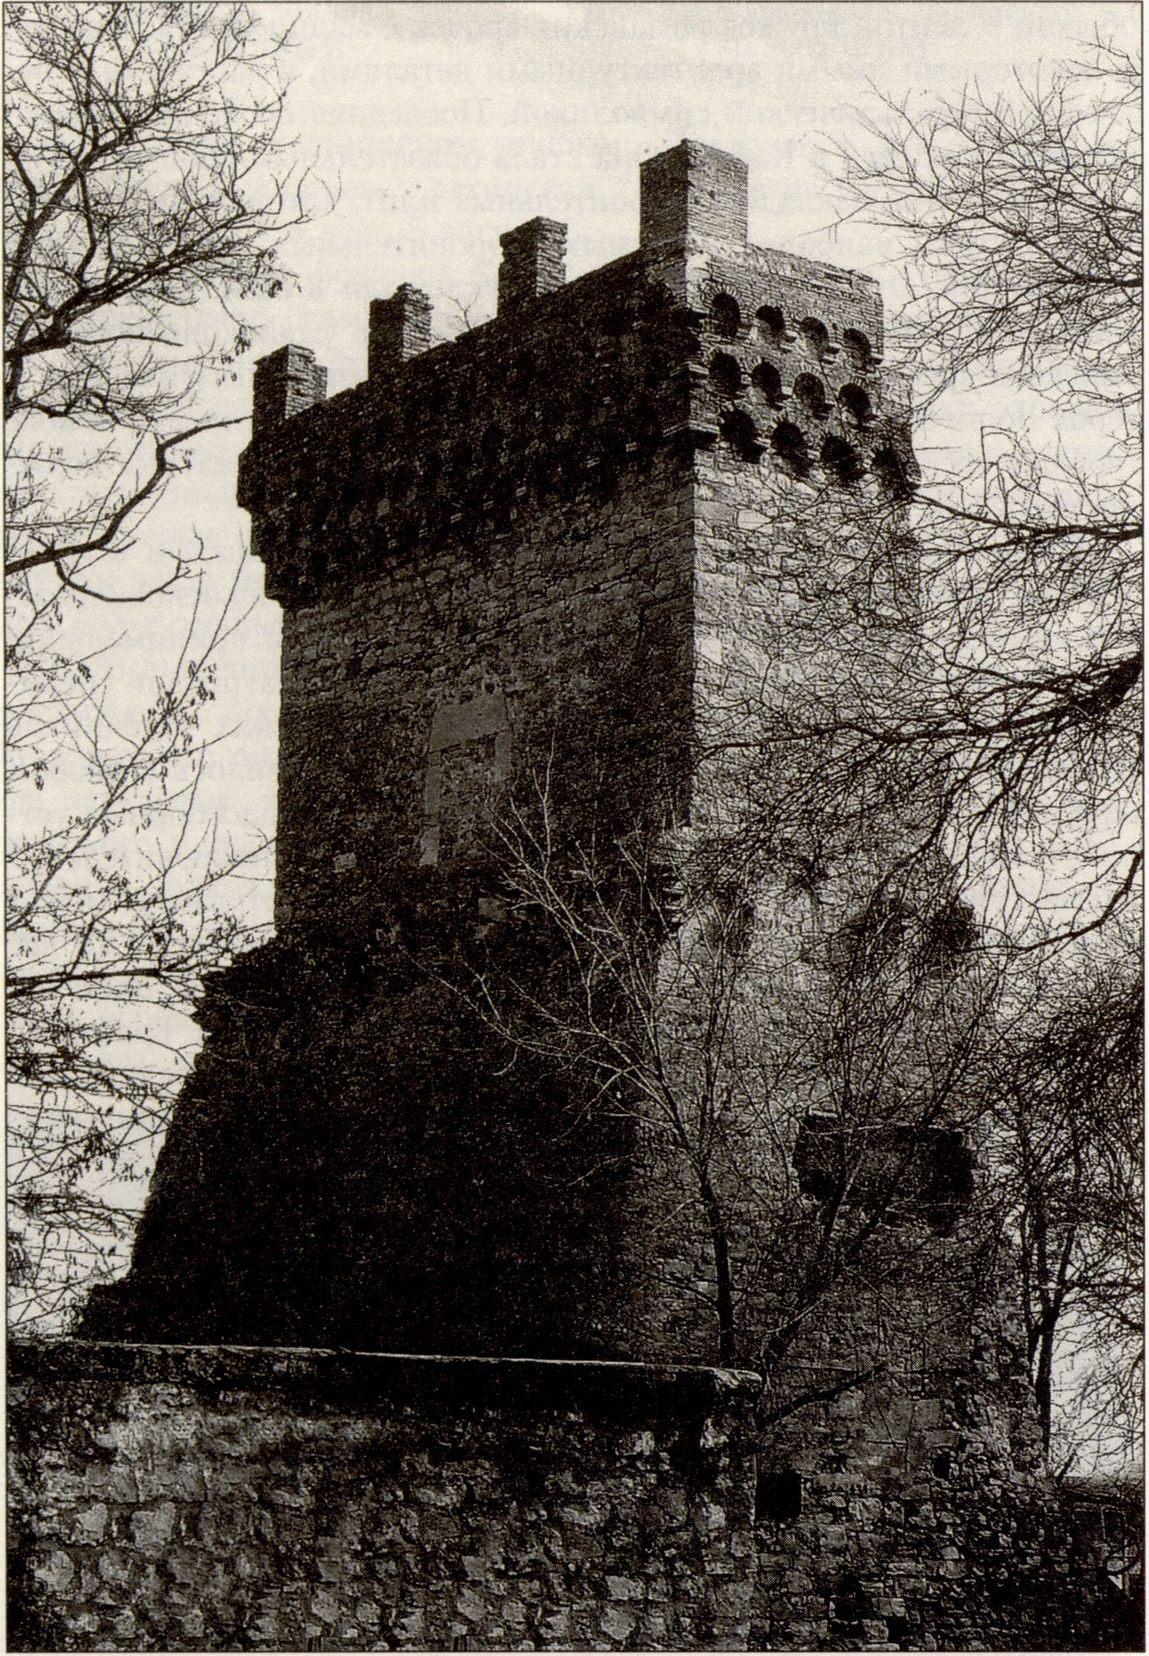 схема создания осадной башни